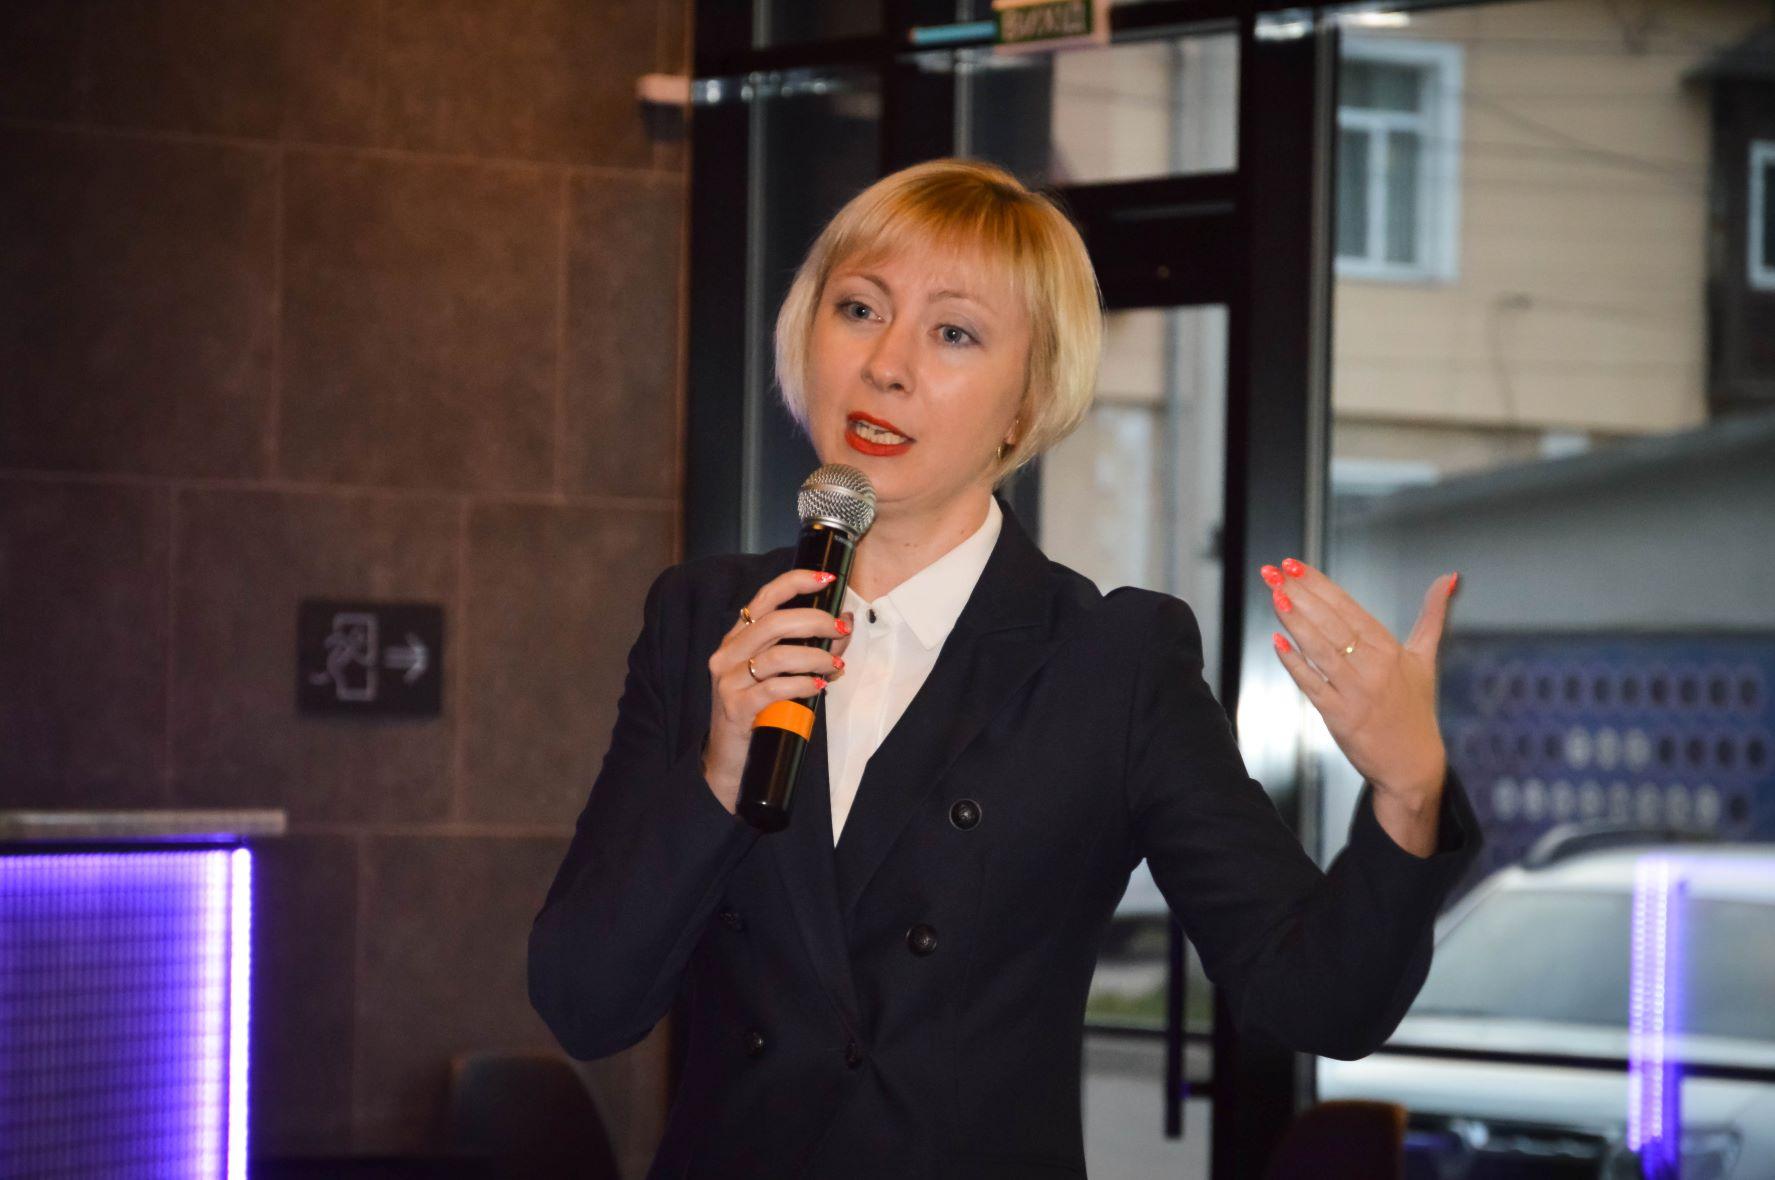 ЦБТ провів актуальну дискусійну панель в Чернівцях - 6 фото